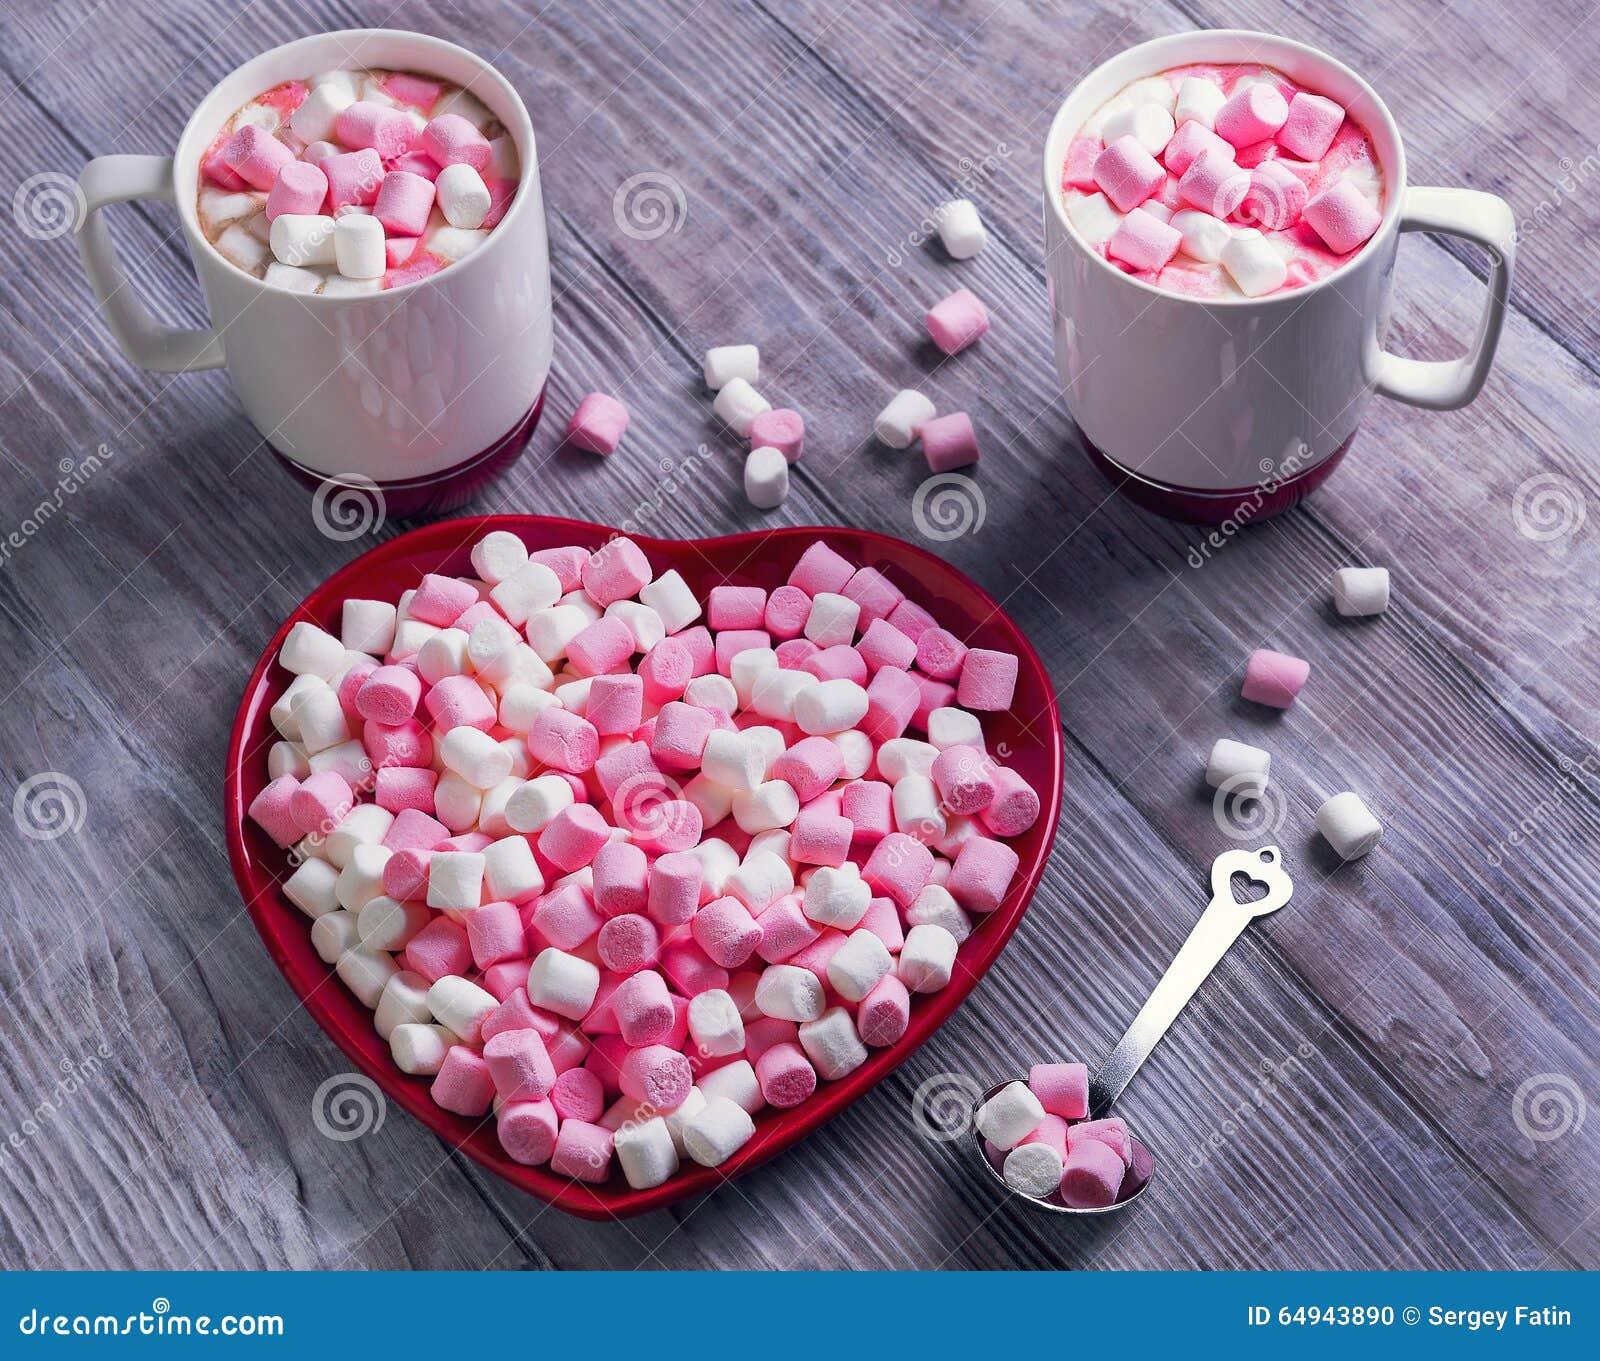 Glückwünsche Auf Valentinstag